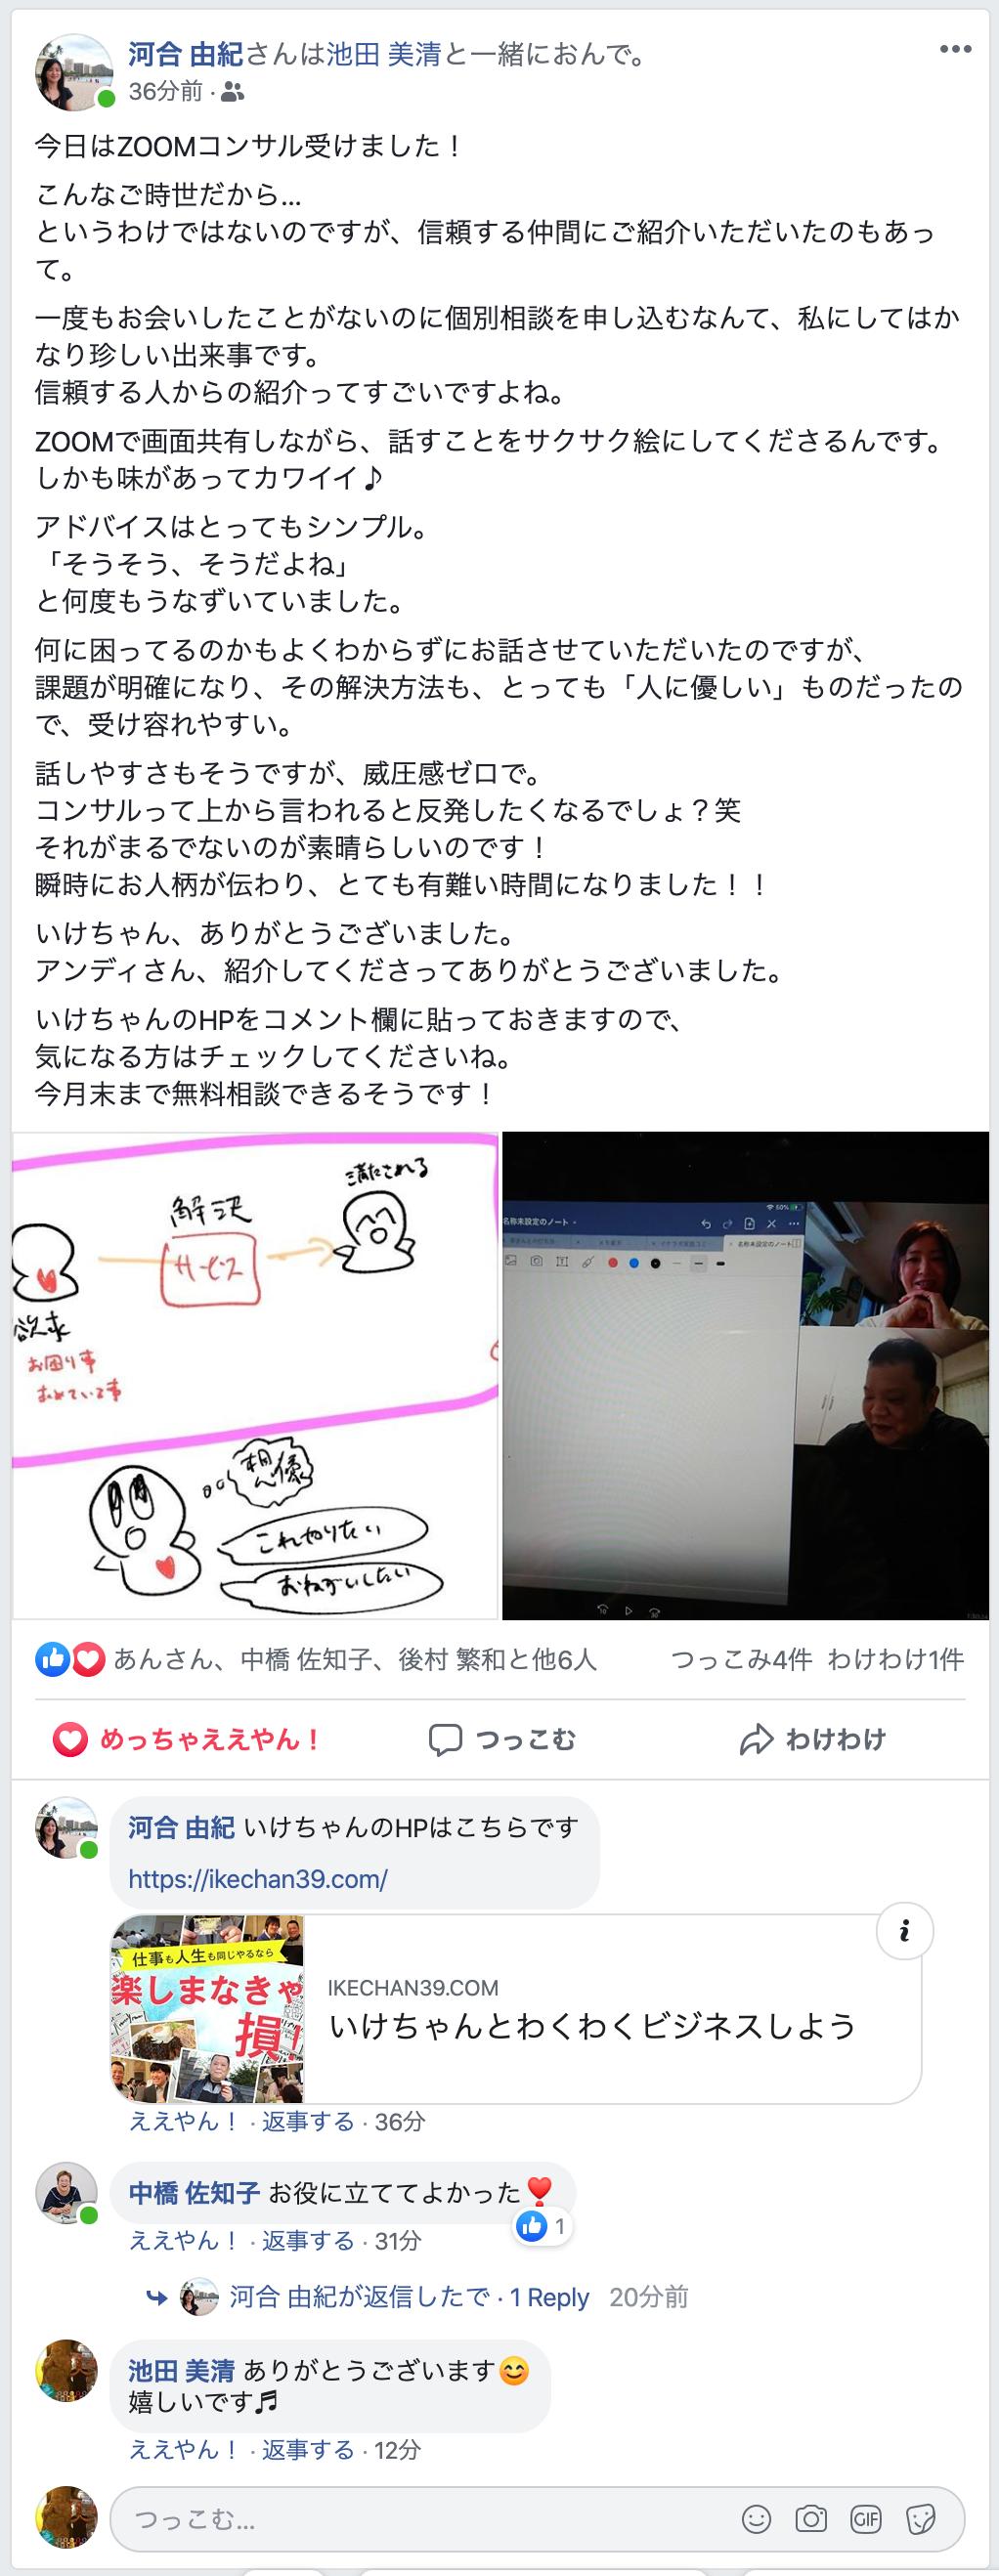 河合さんがフェイスブックで感想を投稿してくれました!